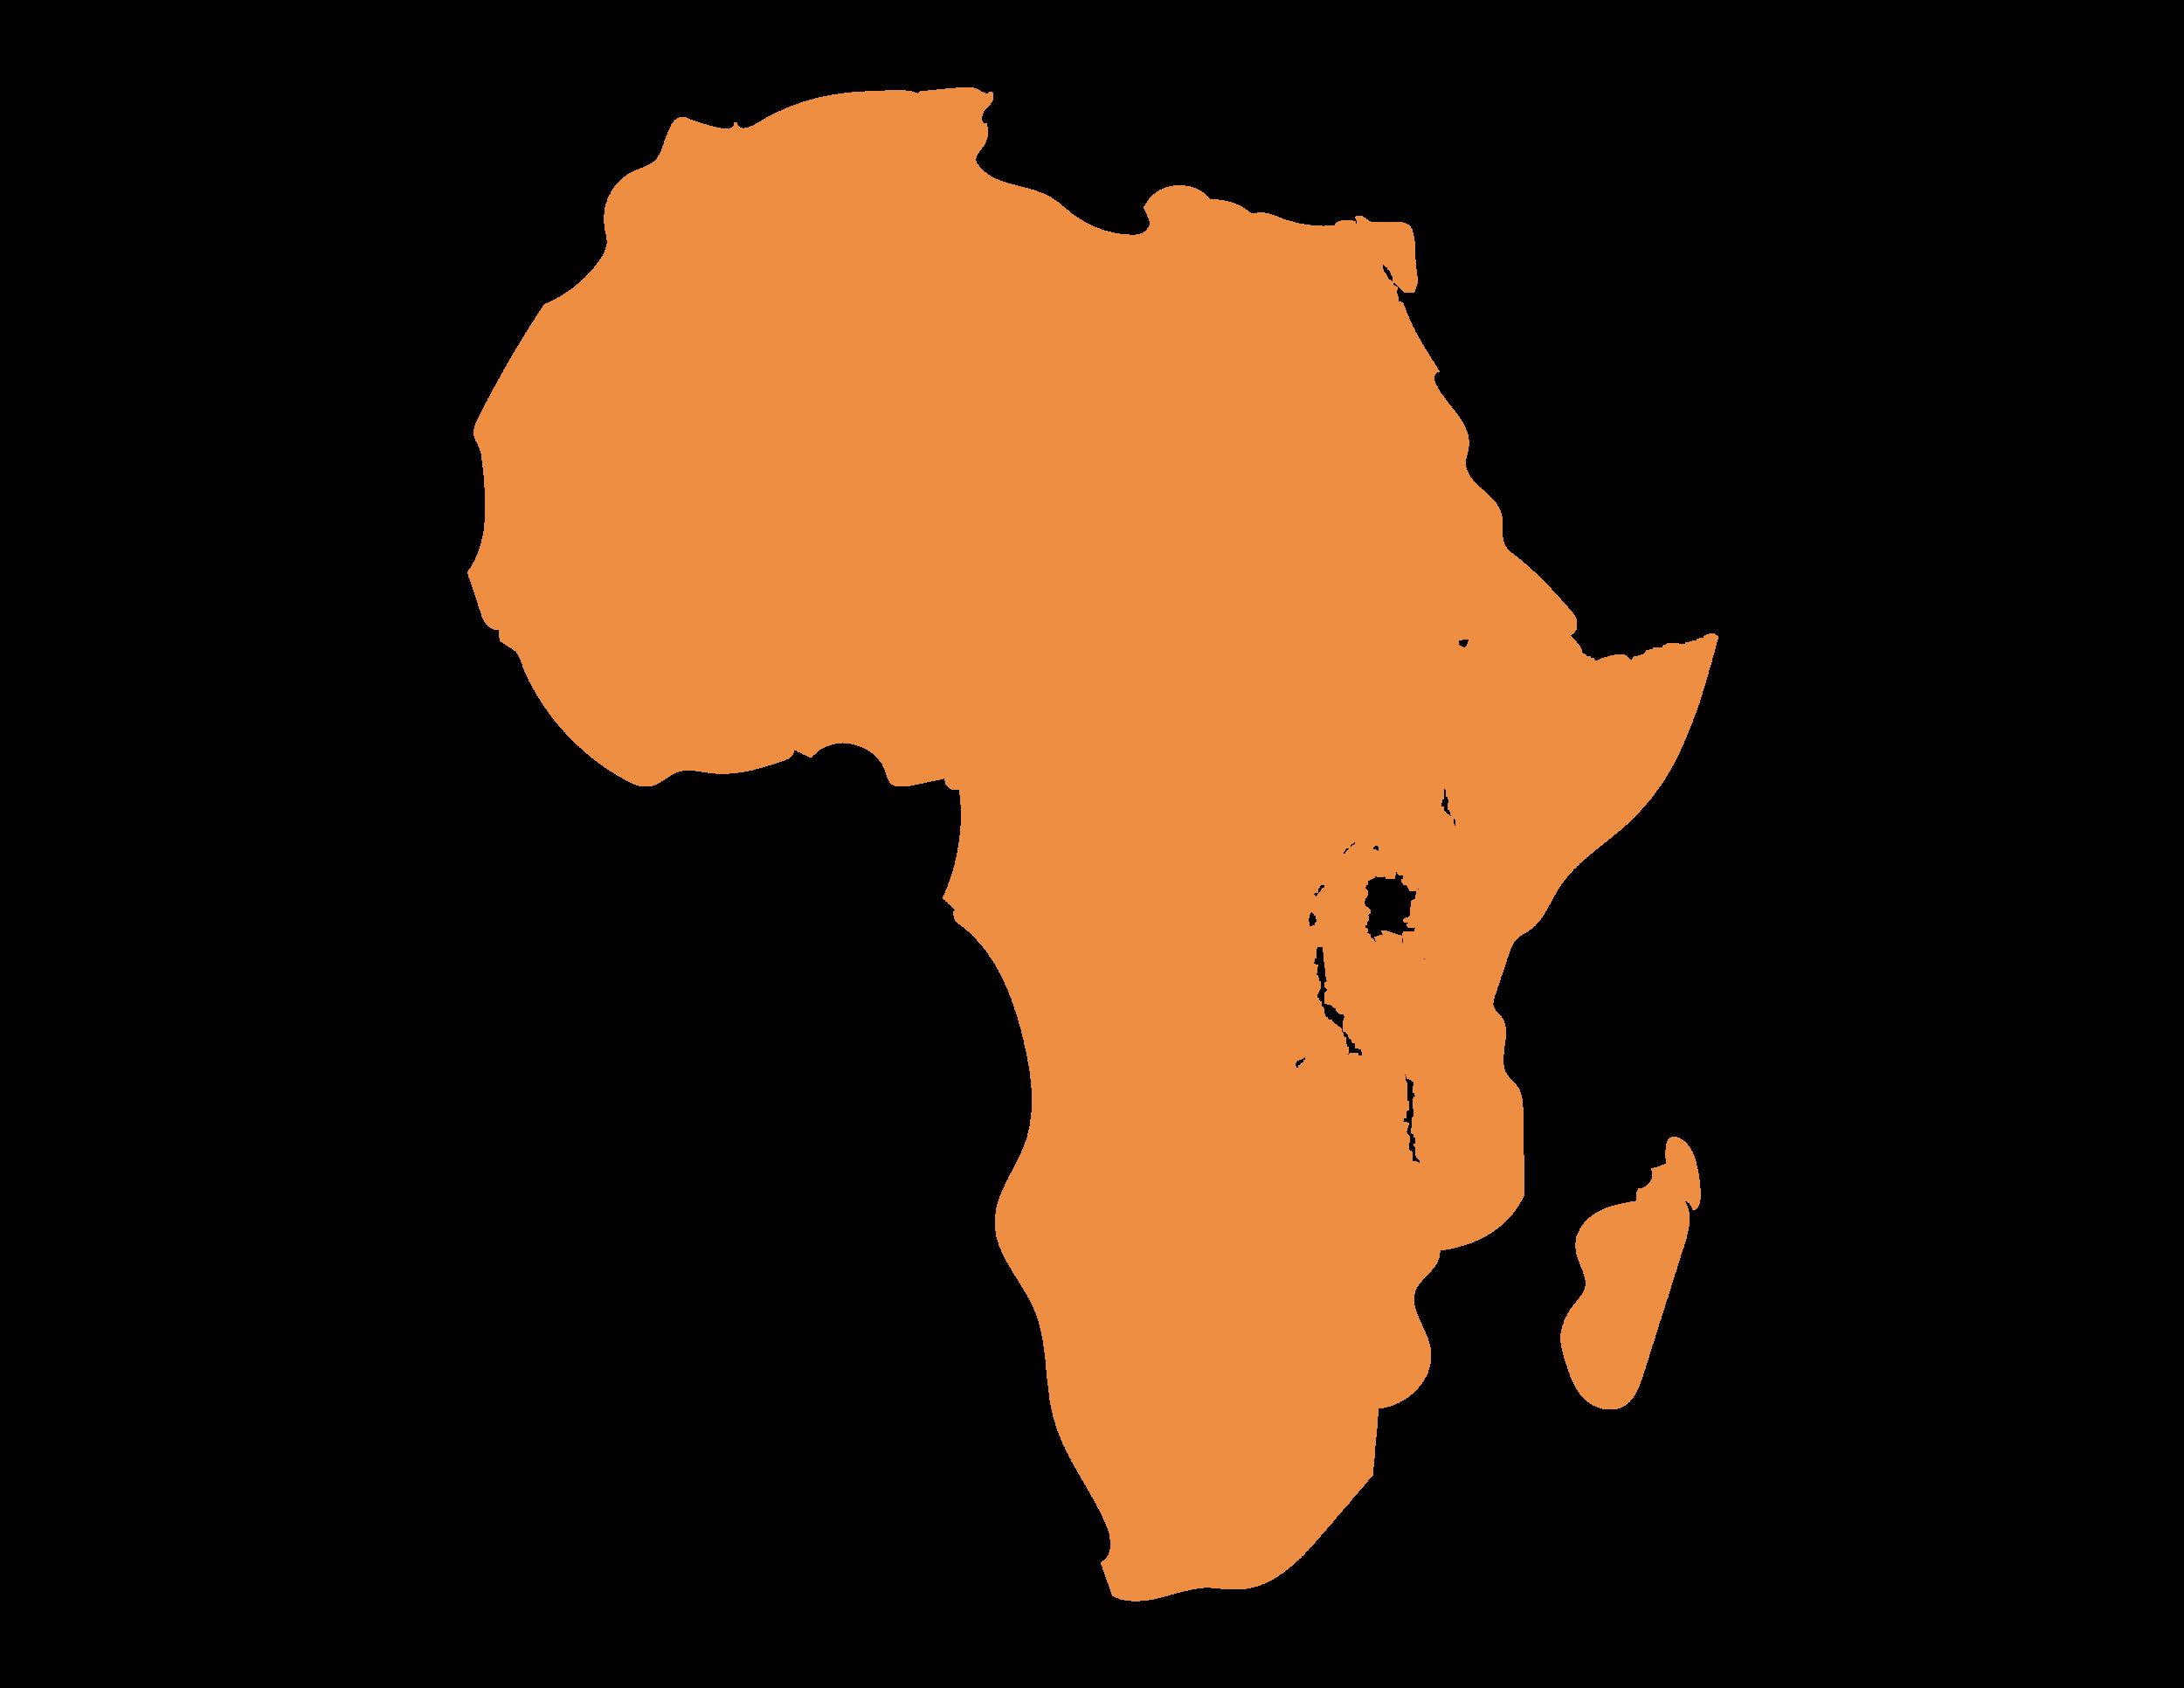 非洲關愛短宣 - 有三個教會的弟兄姊妹在2018年去到非洲讚比亞幫助及支持當地的合作機構,Hands at work。短宣隊幫助、關懷及支持義工照顧讚比亞及鄰近地區的孤兒。今年主要作培訓及裝備當地的牧師。